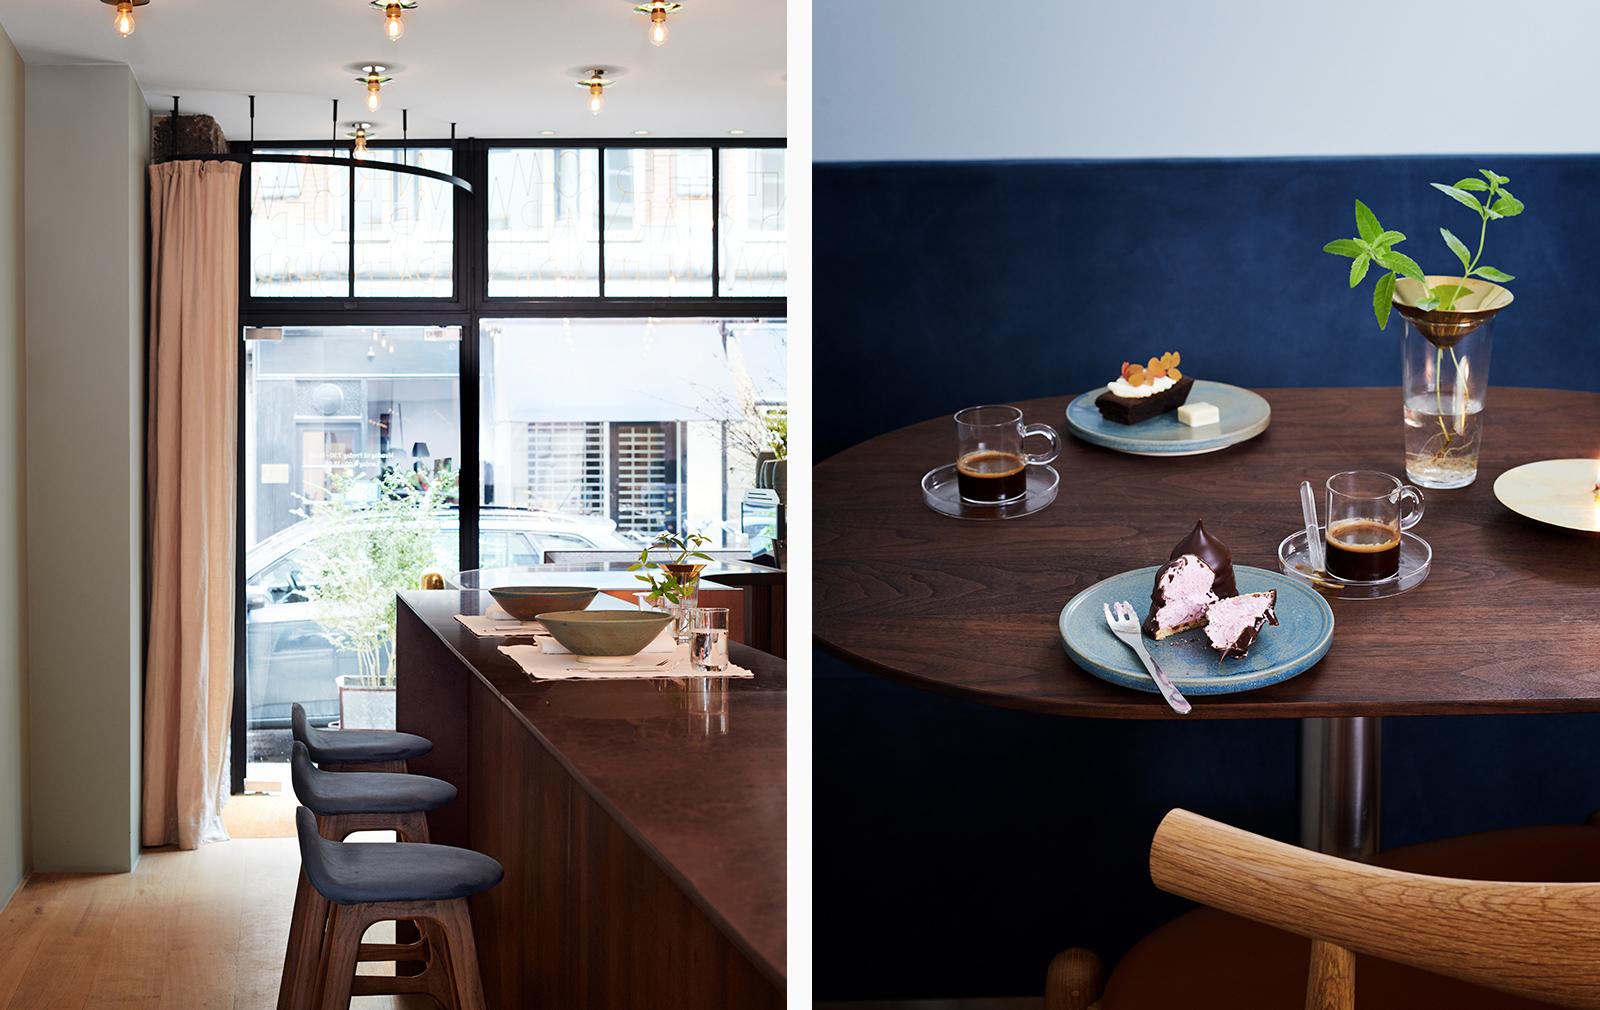 Winterspring restaurant interiors Copenhagen